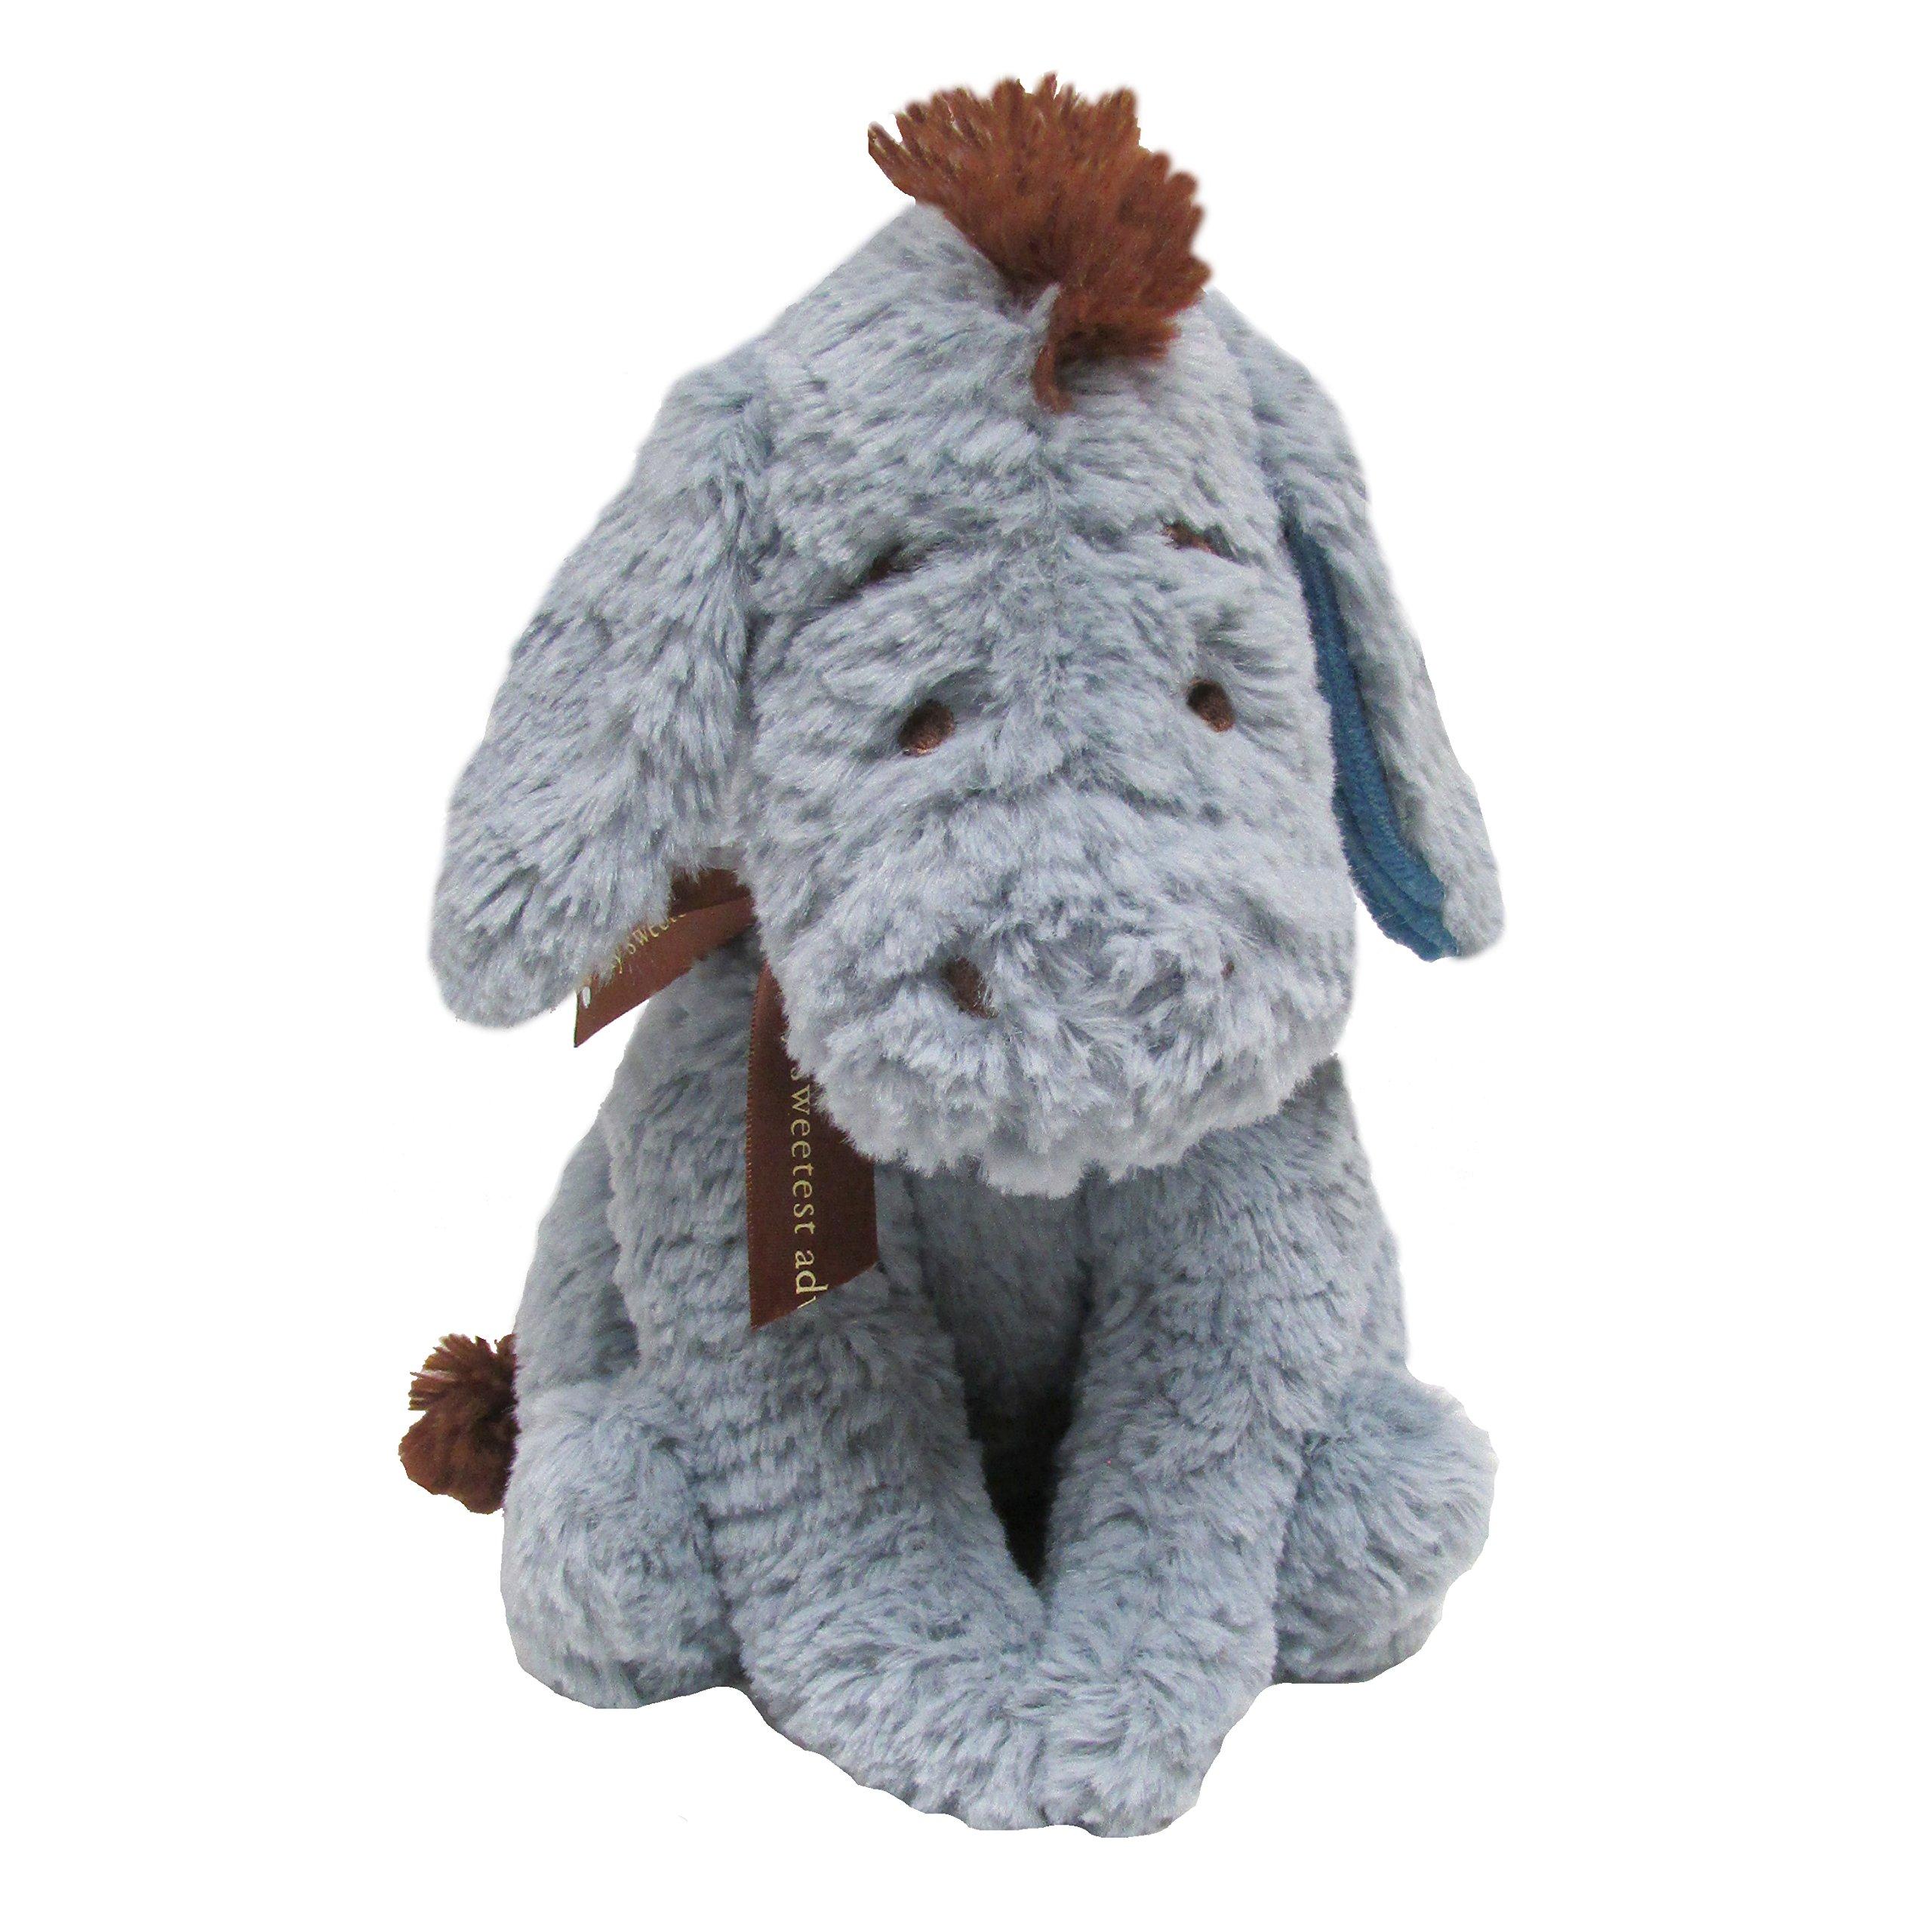 Disney Baby Classic Eeyore Stuffed Animal, 11.75''